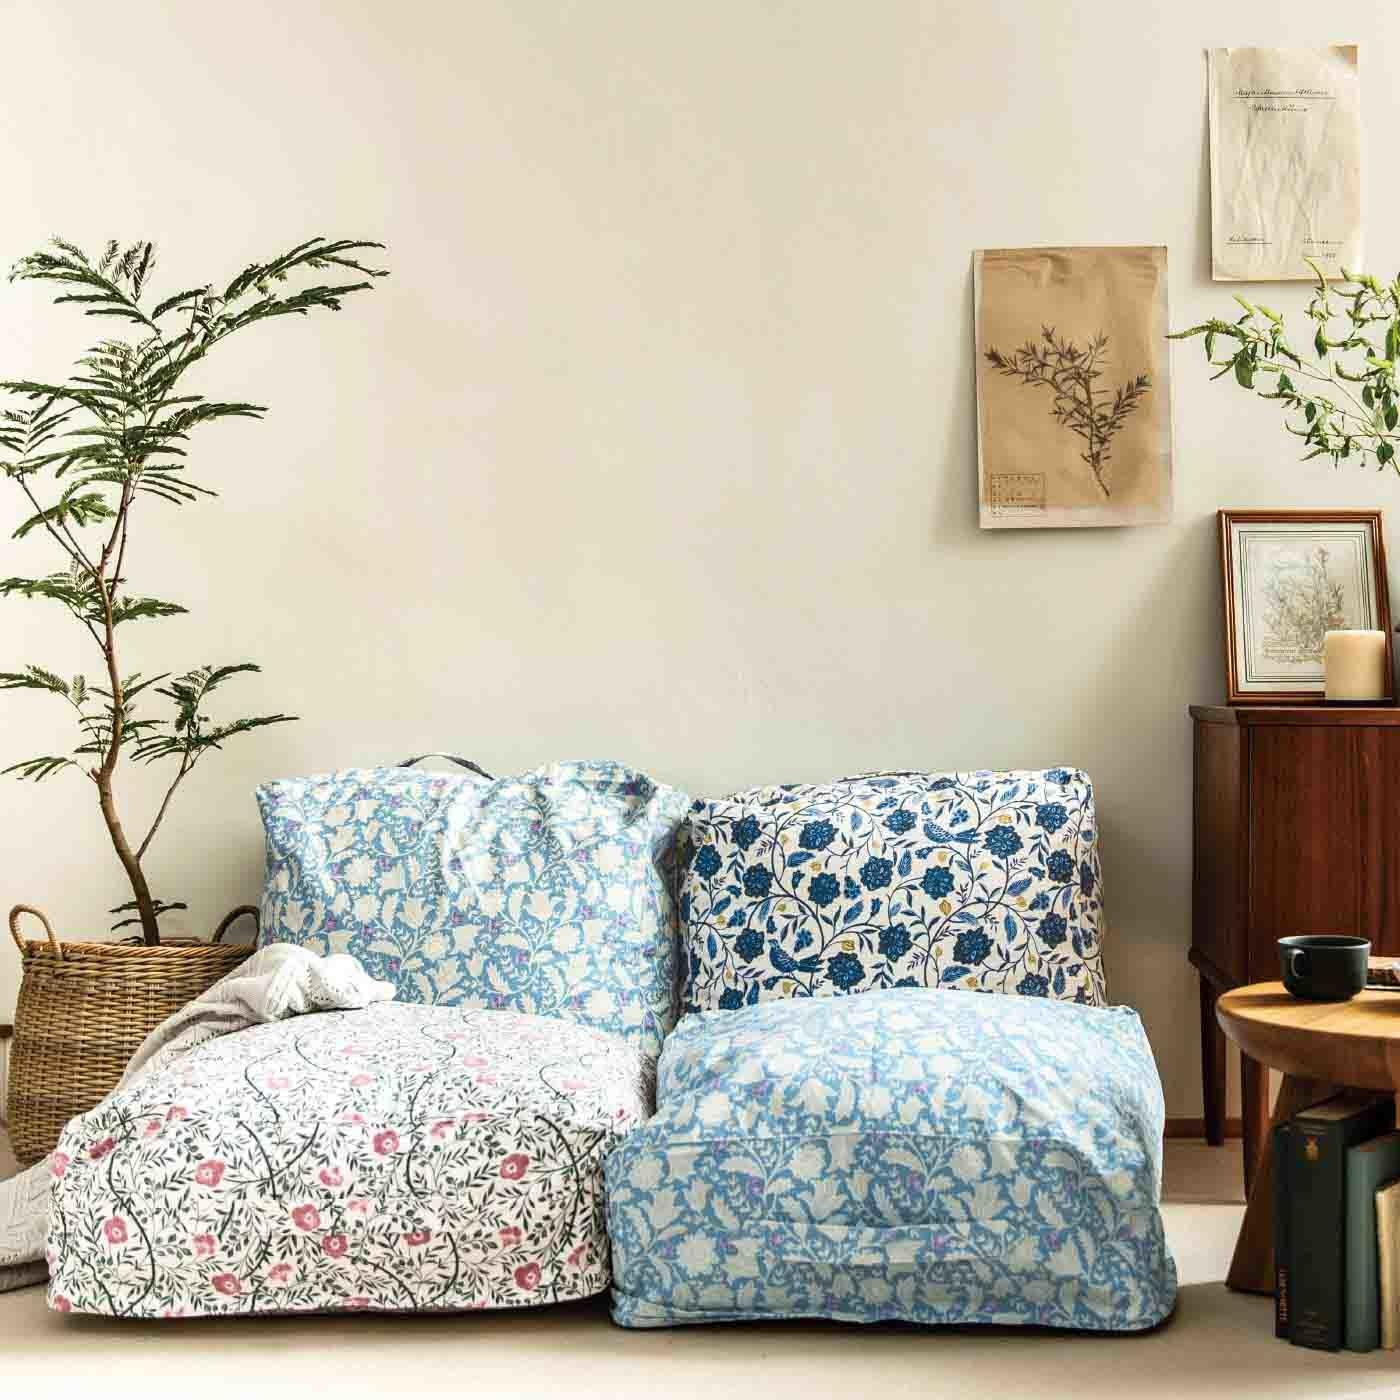 am&be 暮らしに華を添える アンティークフラワーのクッションになる布団収納ケースの会